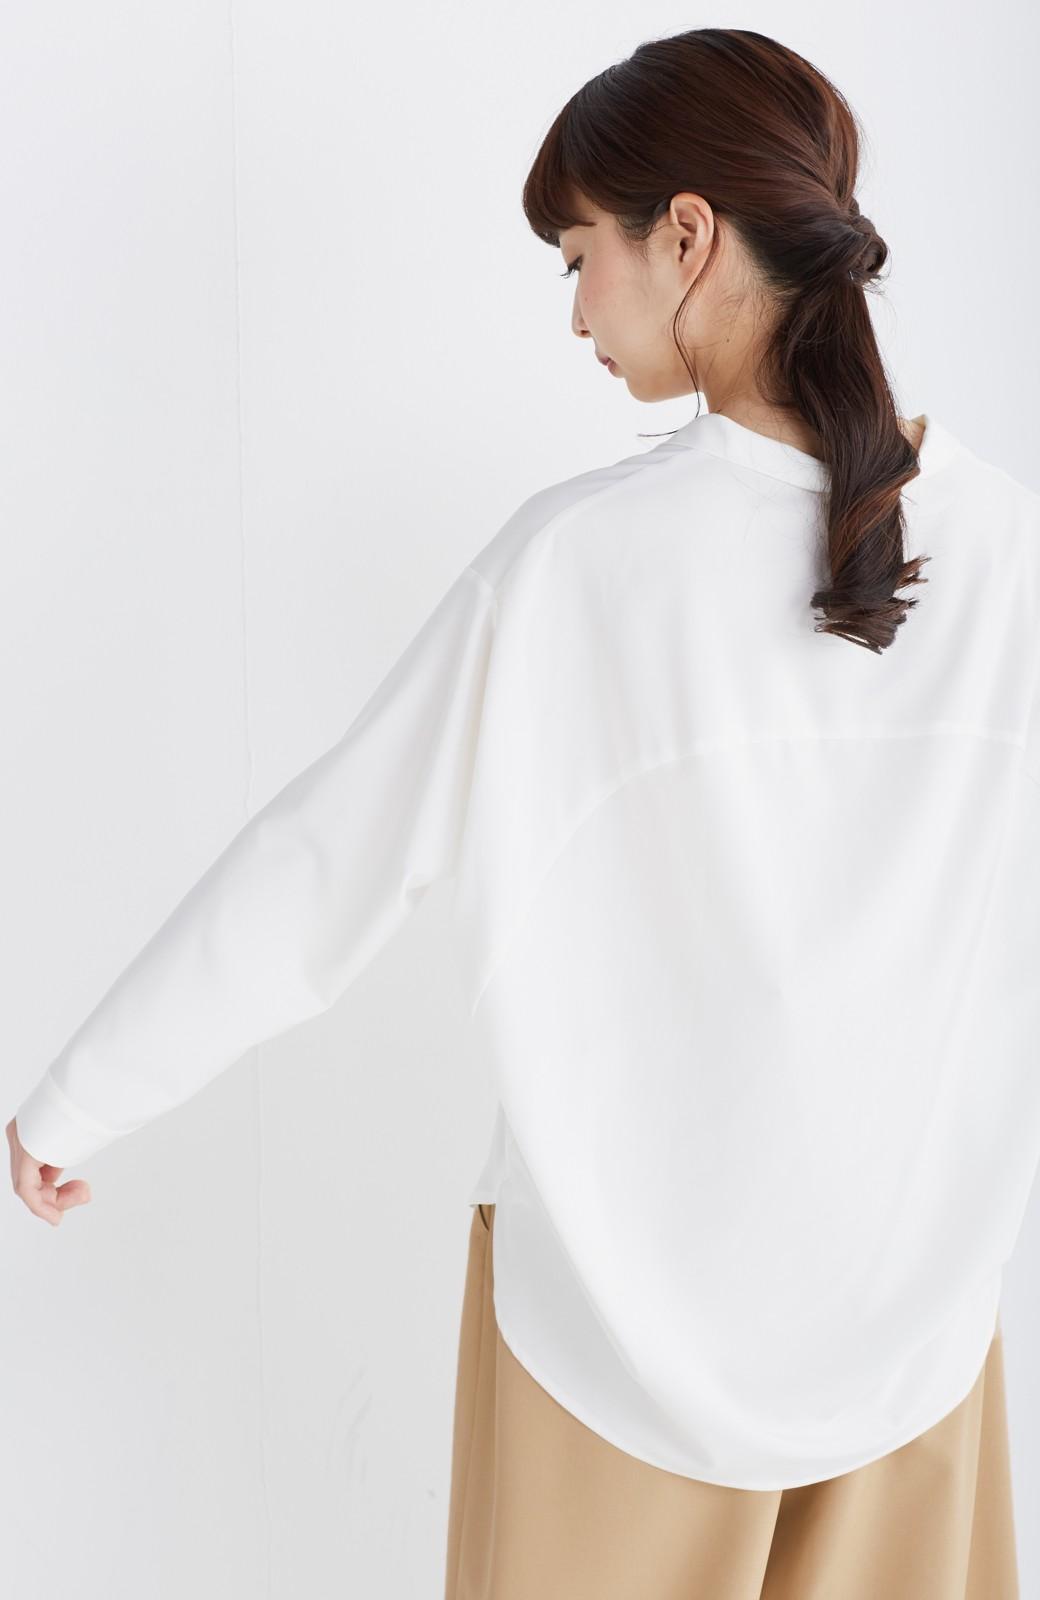 エムトロワ 女らしくてかっこいい スキッパー&抜き衿のとろみシャツ <ホワイト>の商品写真15